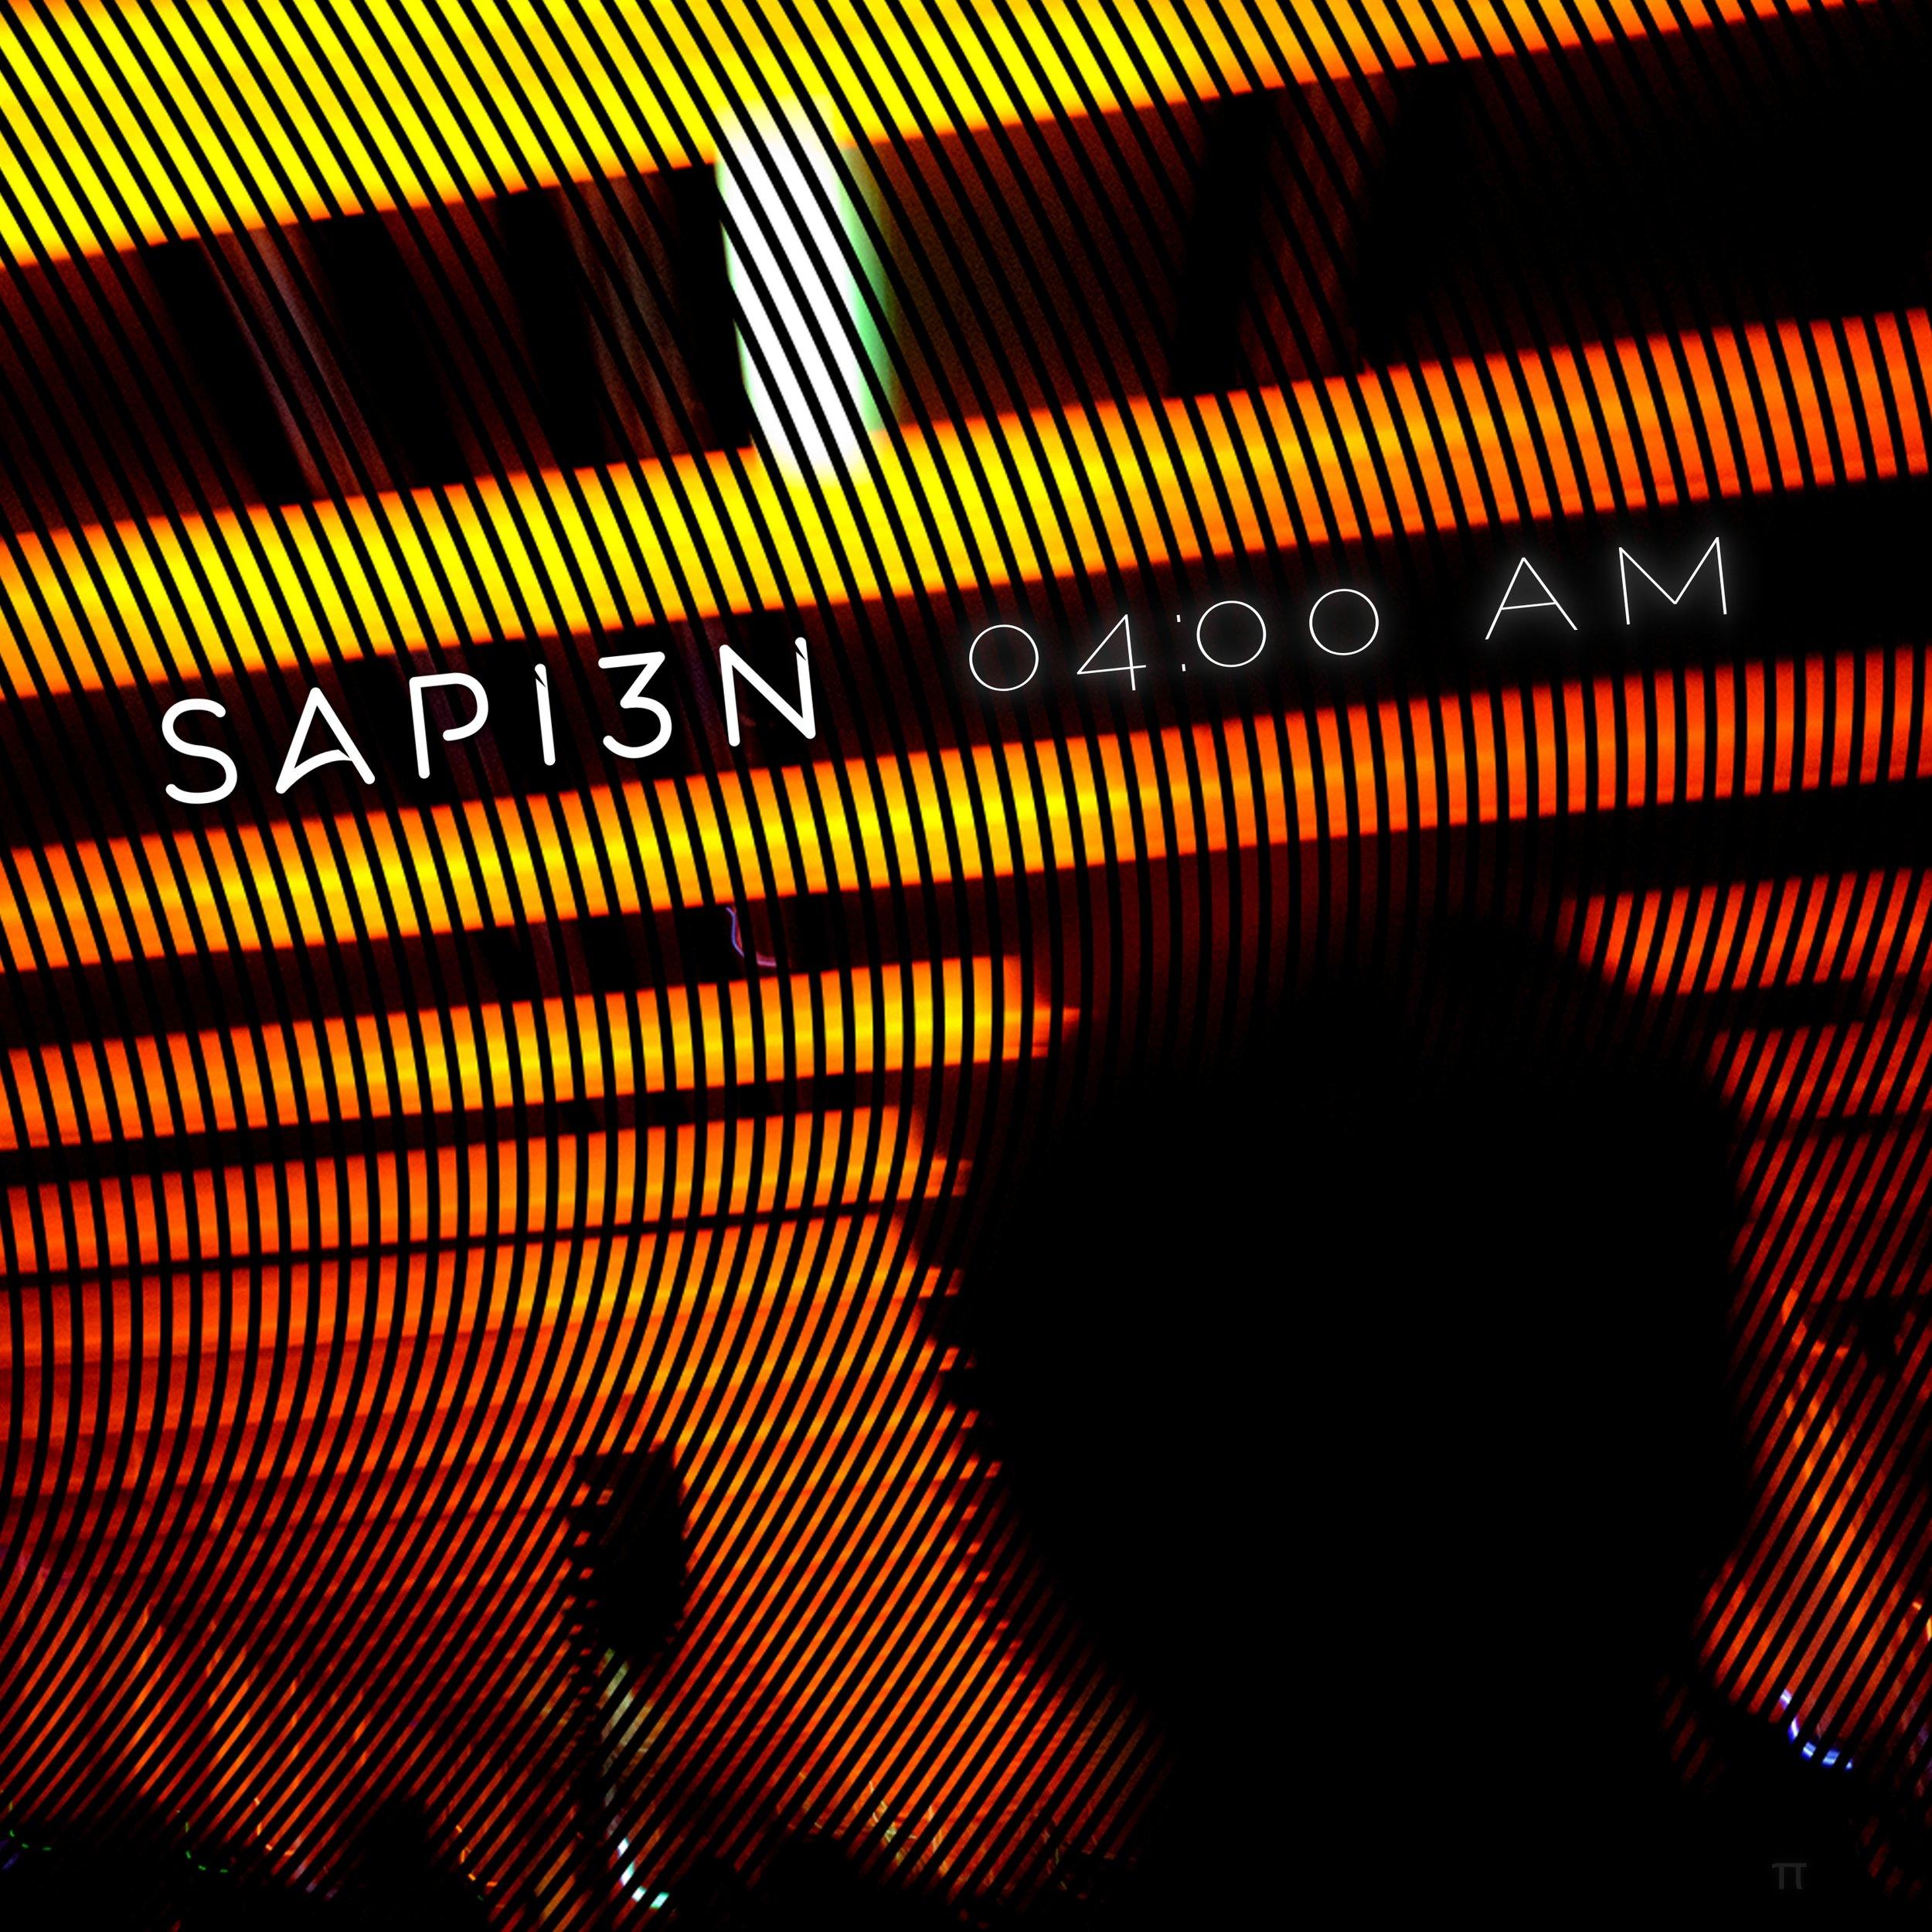 sapi3n 4 am large.jpg